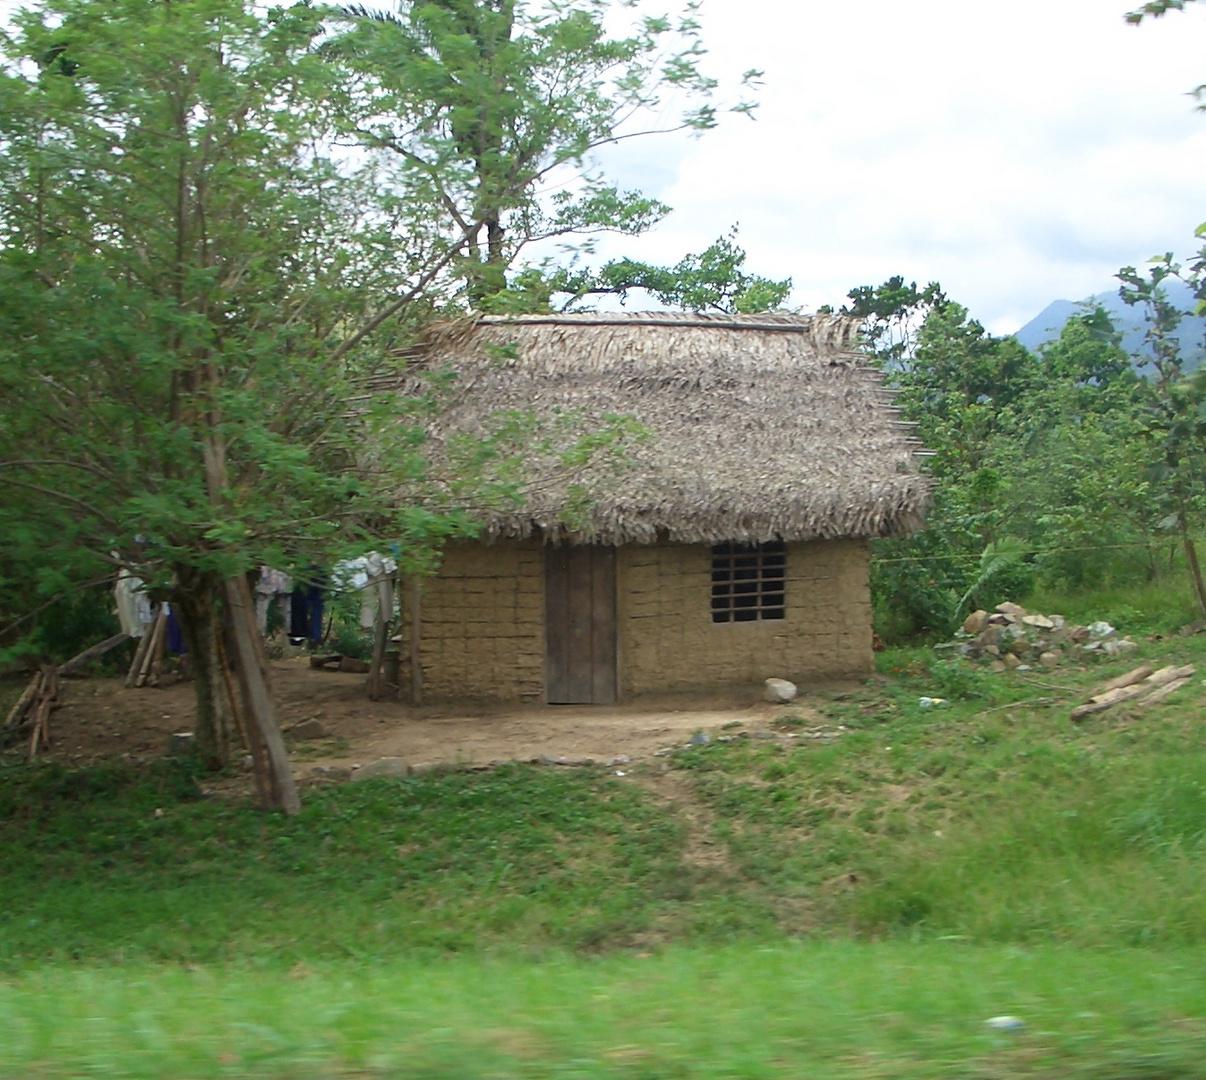 Ländliches Haus in Trujllo, Honduras